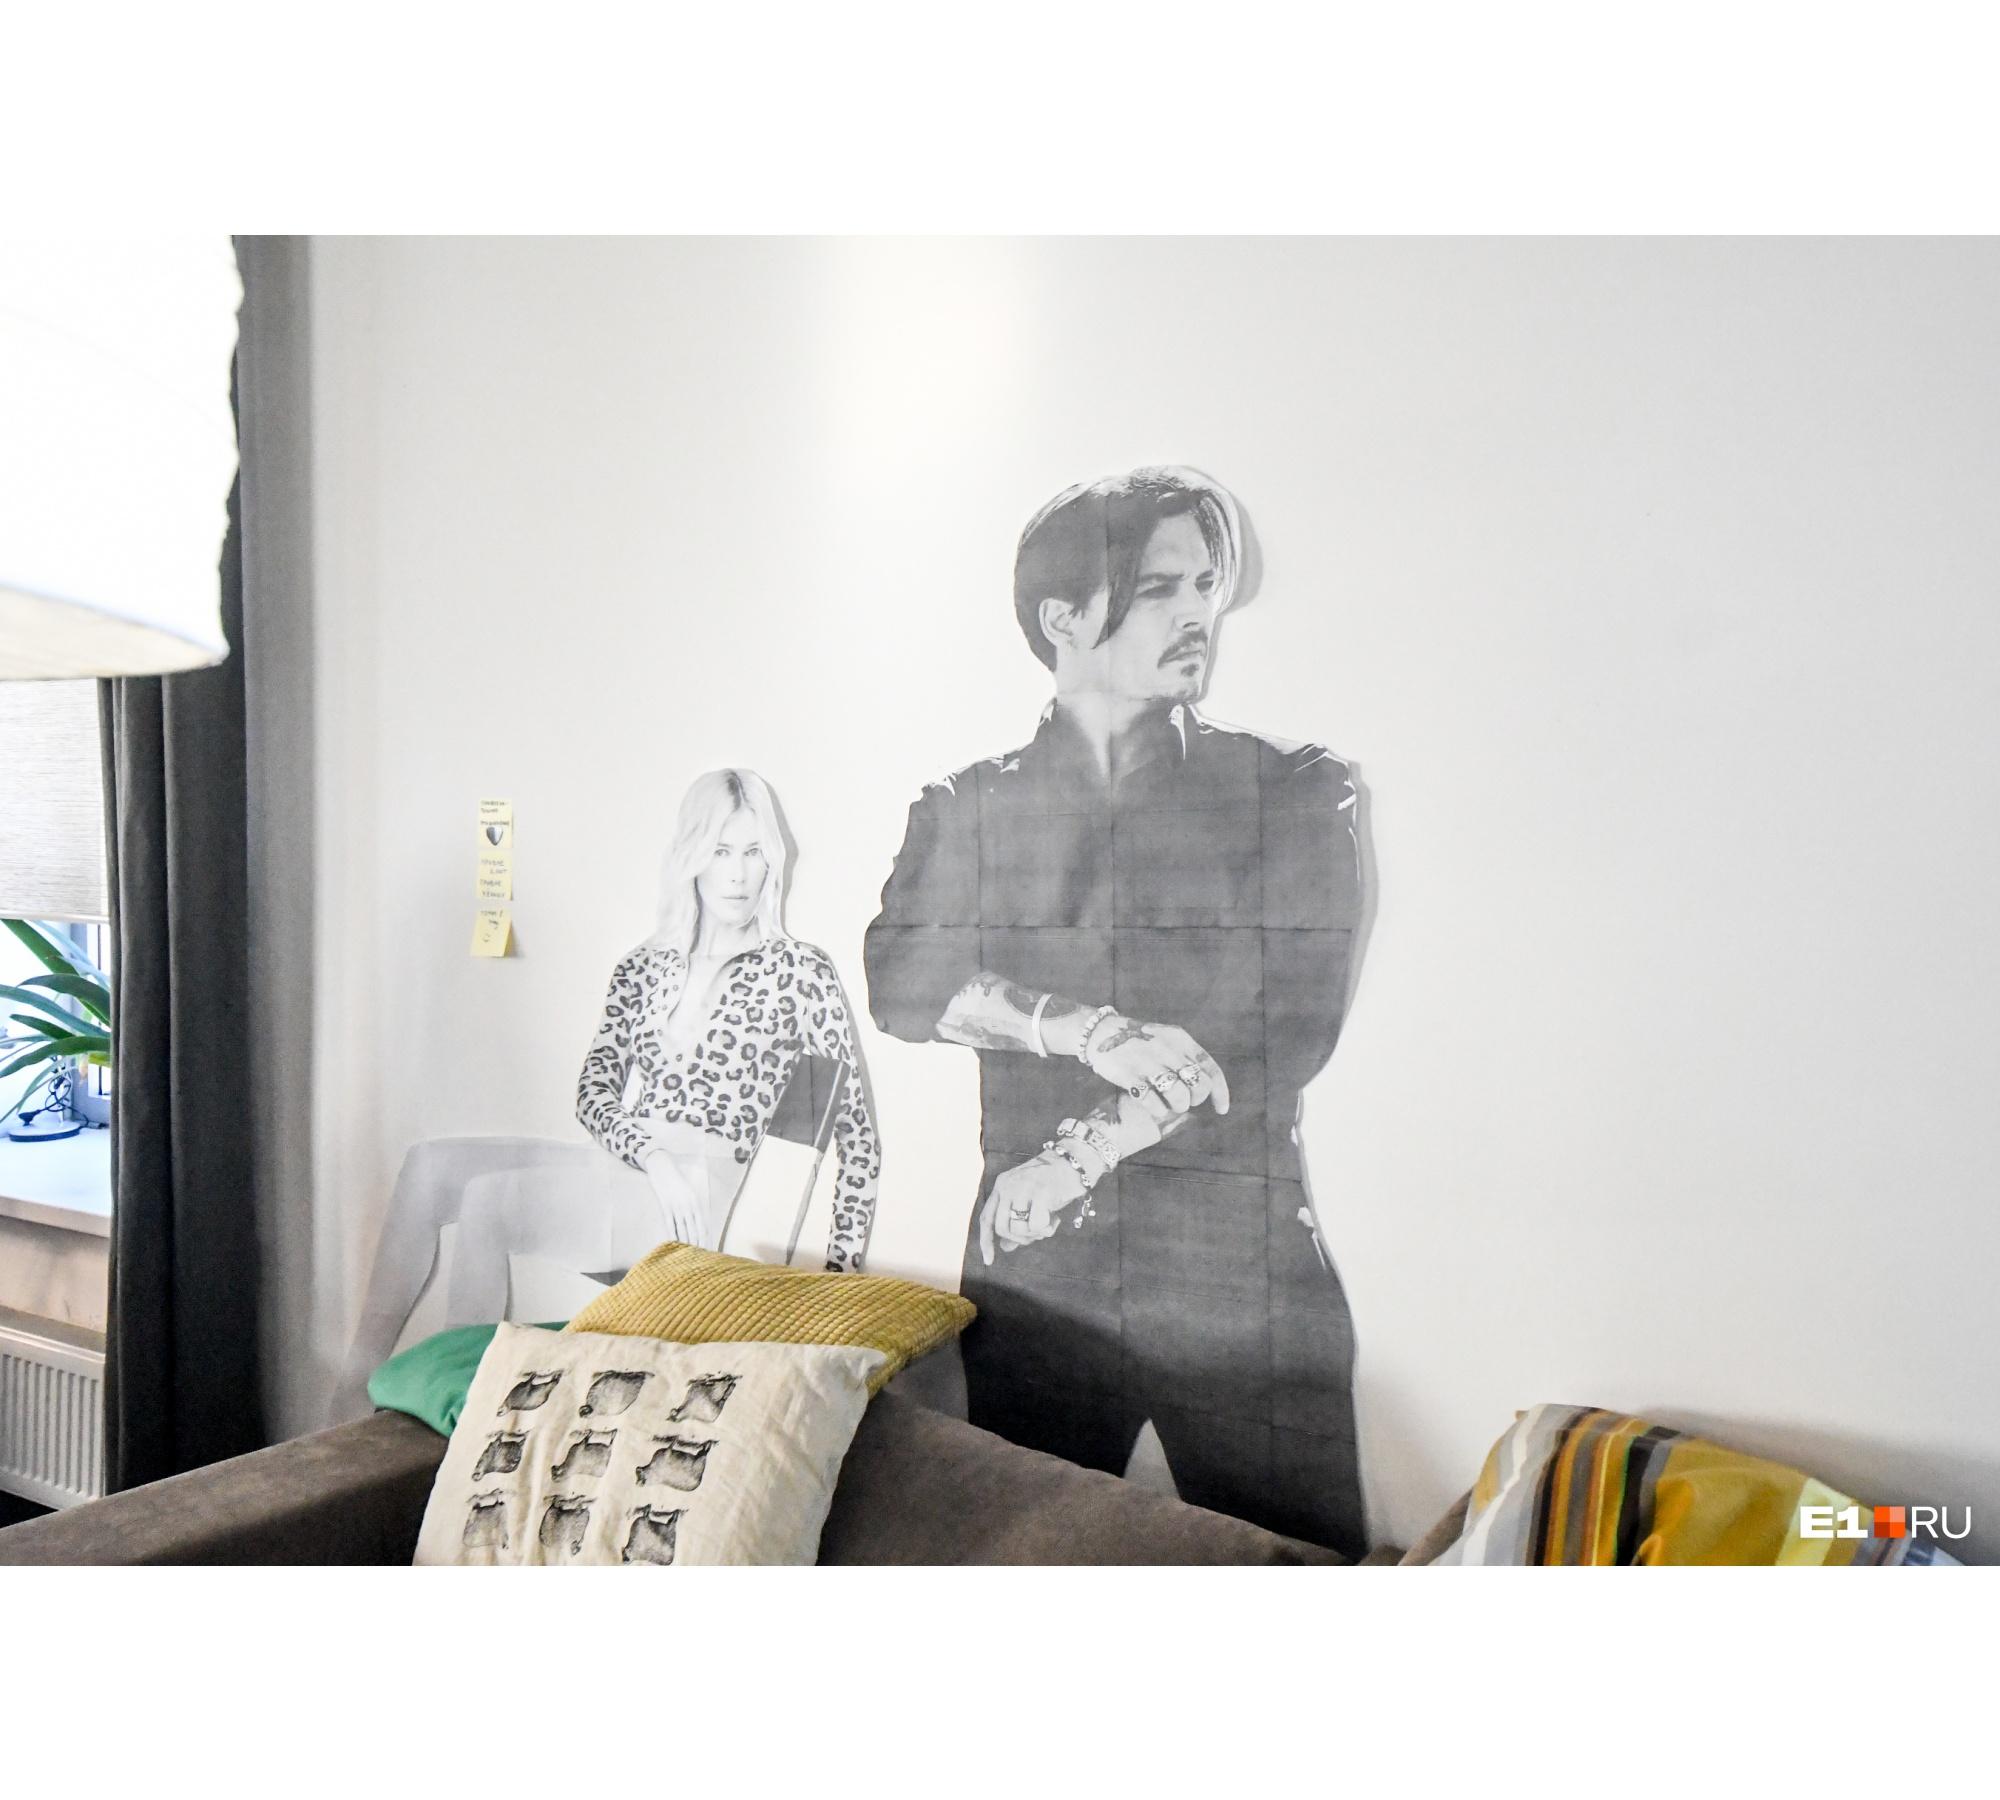 В офисе можно встретить картонных Джонни Деппа и Клаудию Шиффер